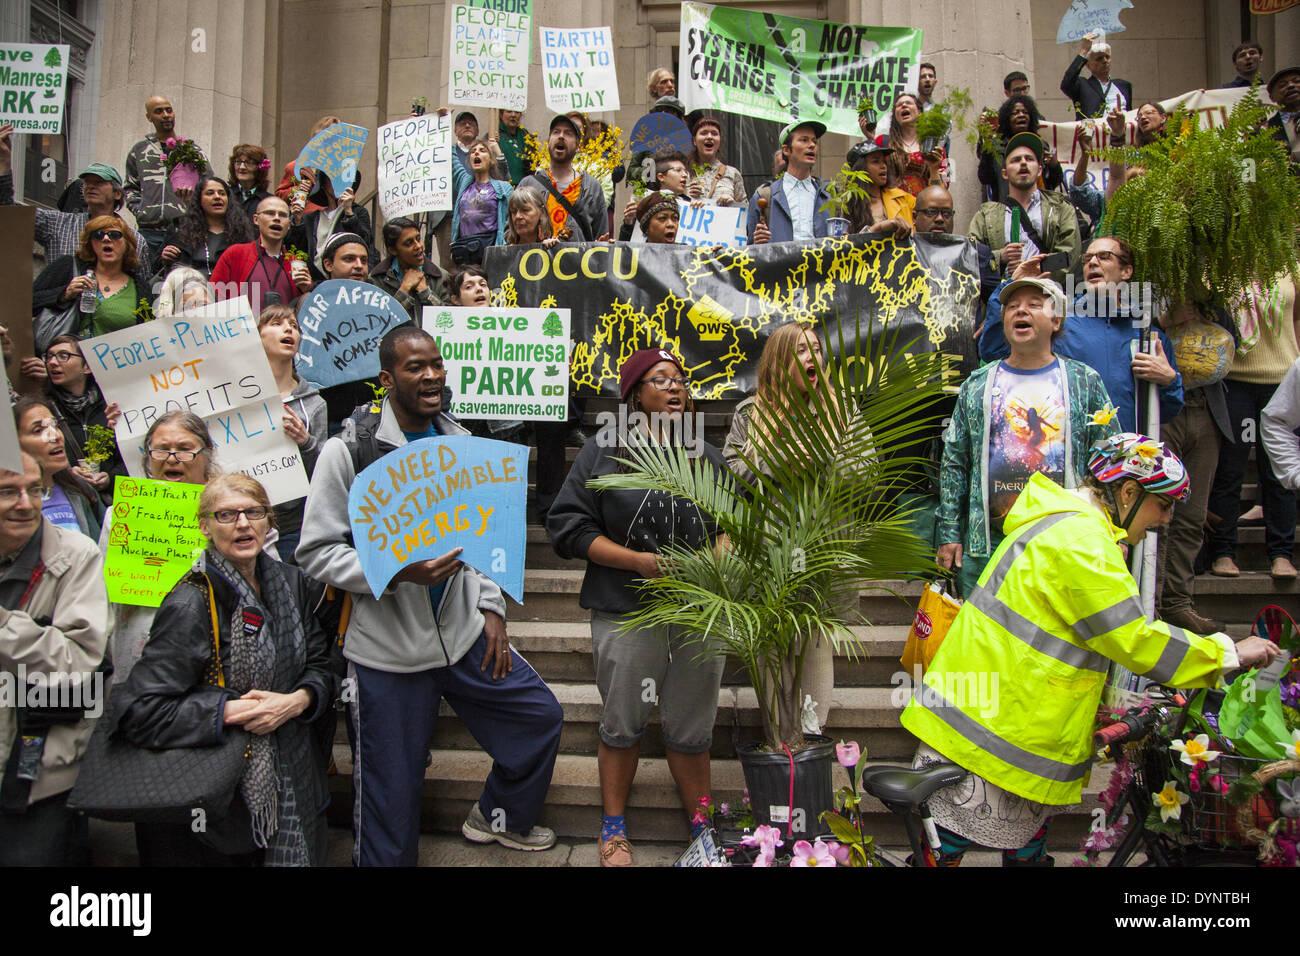 New York, NY, USA , 22 Apr, 2014. Les militants de l'environnement rallye sur la Journée de la Terre à Zuccotti Park, puis mars à Wall Street appelant à un changement de système pas le changement climatique. Le mouvement occupy est toujours autour de Paris il me semble. Crédit: David Grossman/Alamy Live News Photo Stock